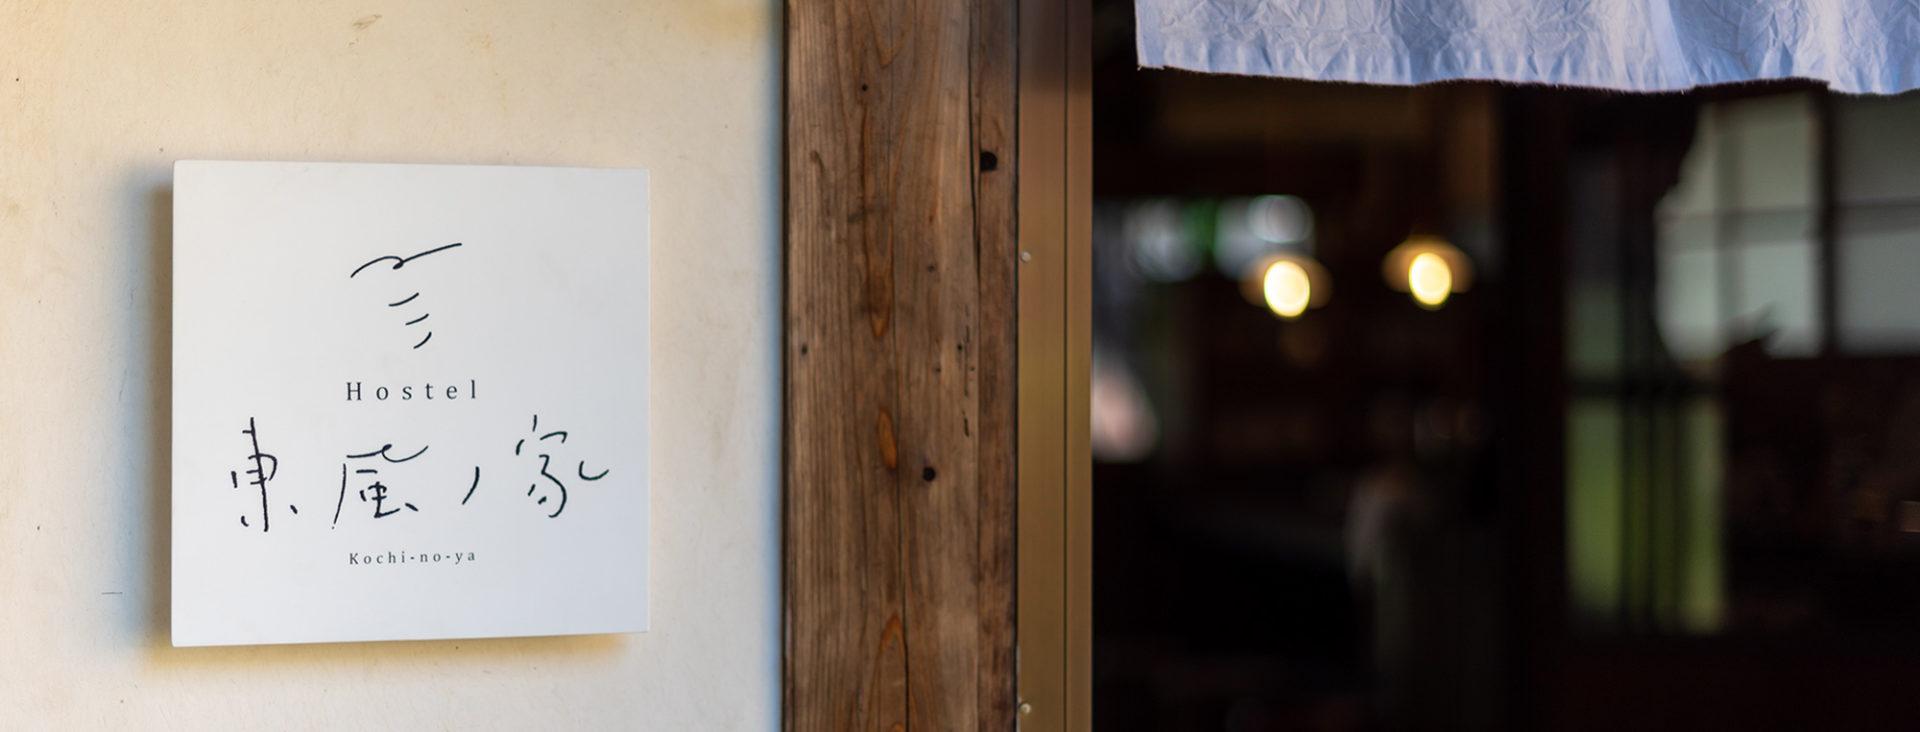 写真:玄関横の正方形の白い看板プレート。